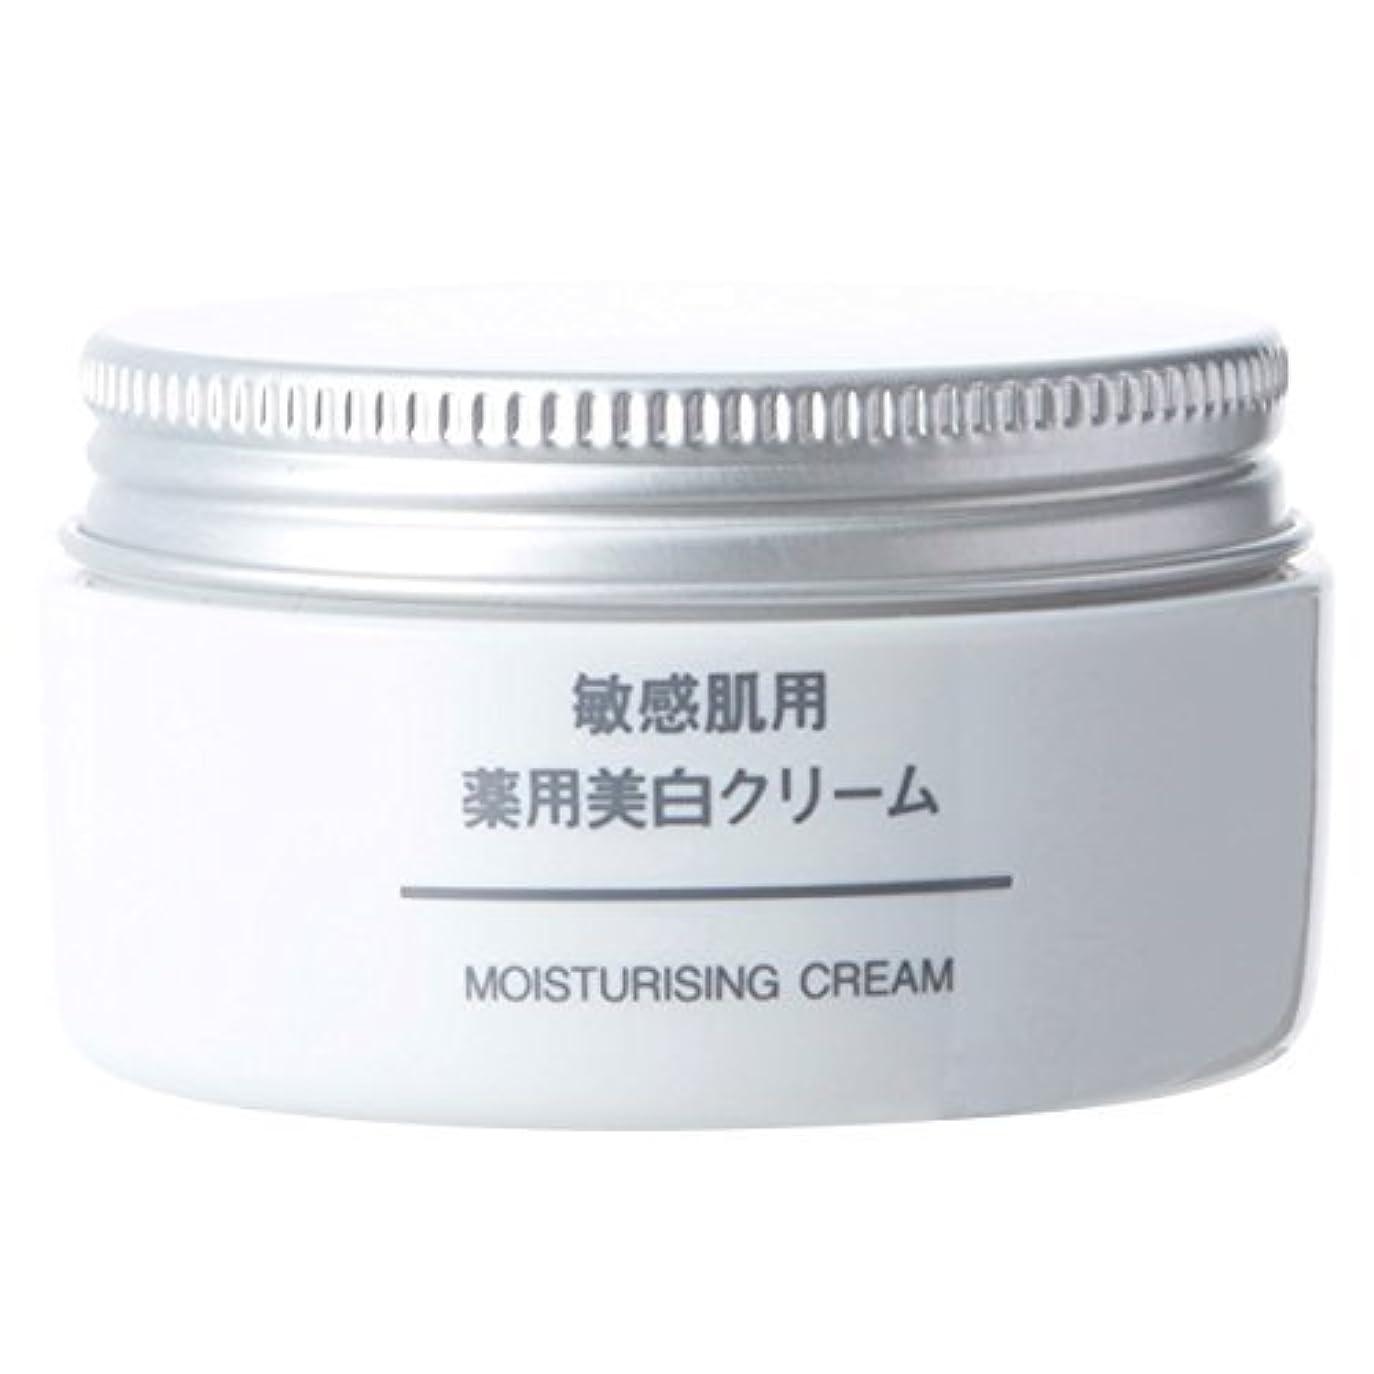 雑種シガレット司書無印良品 敏感肌用薬用美白クリーム (新)45g